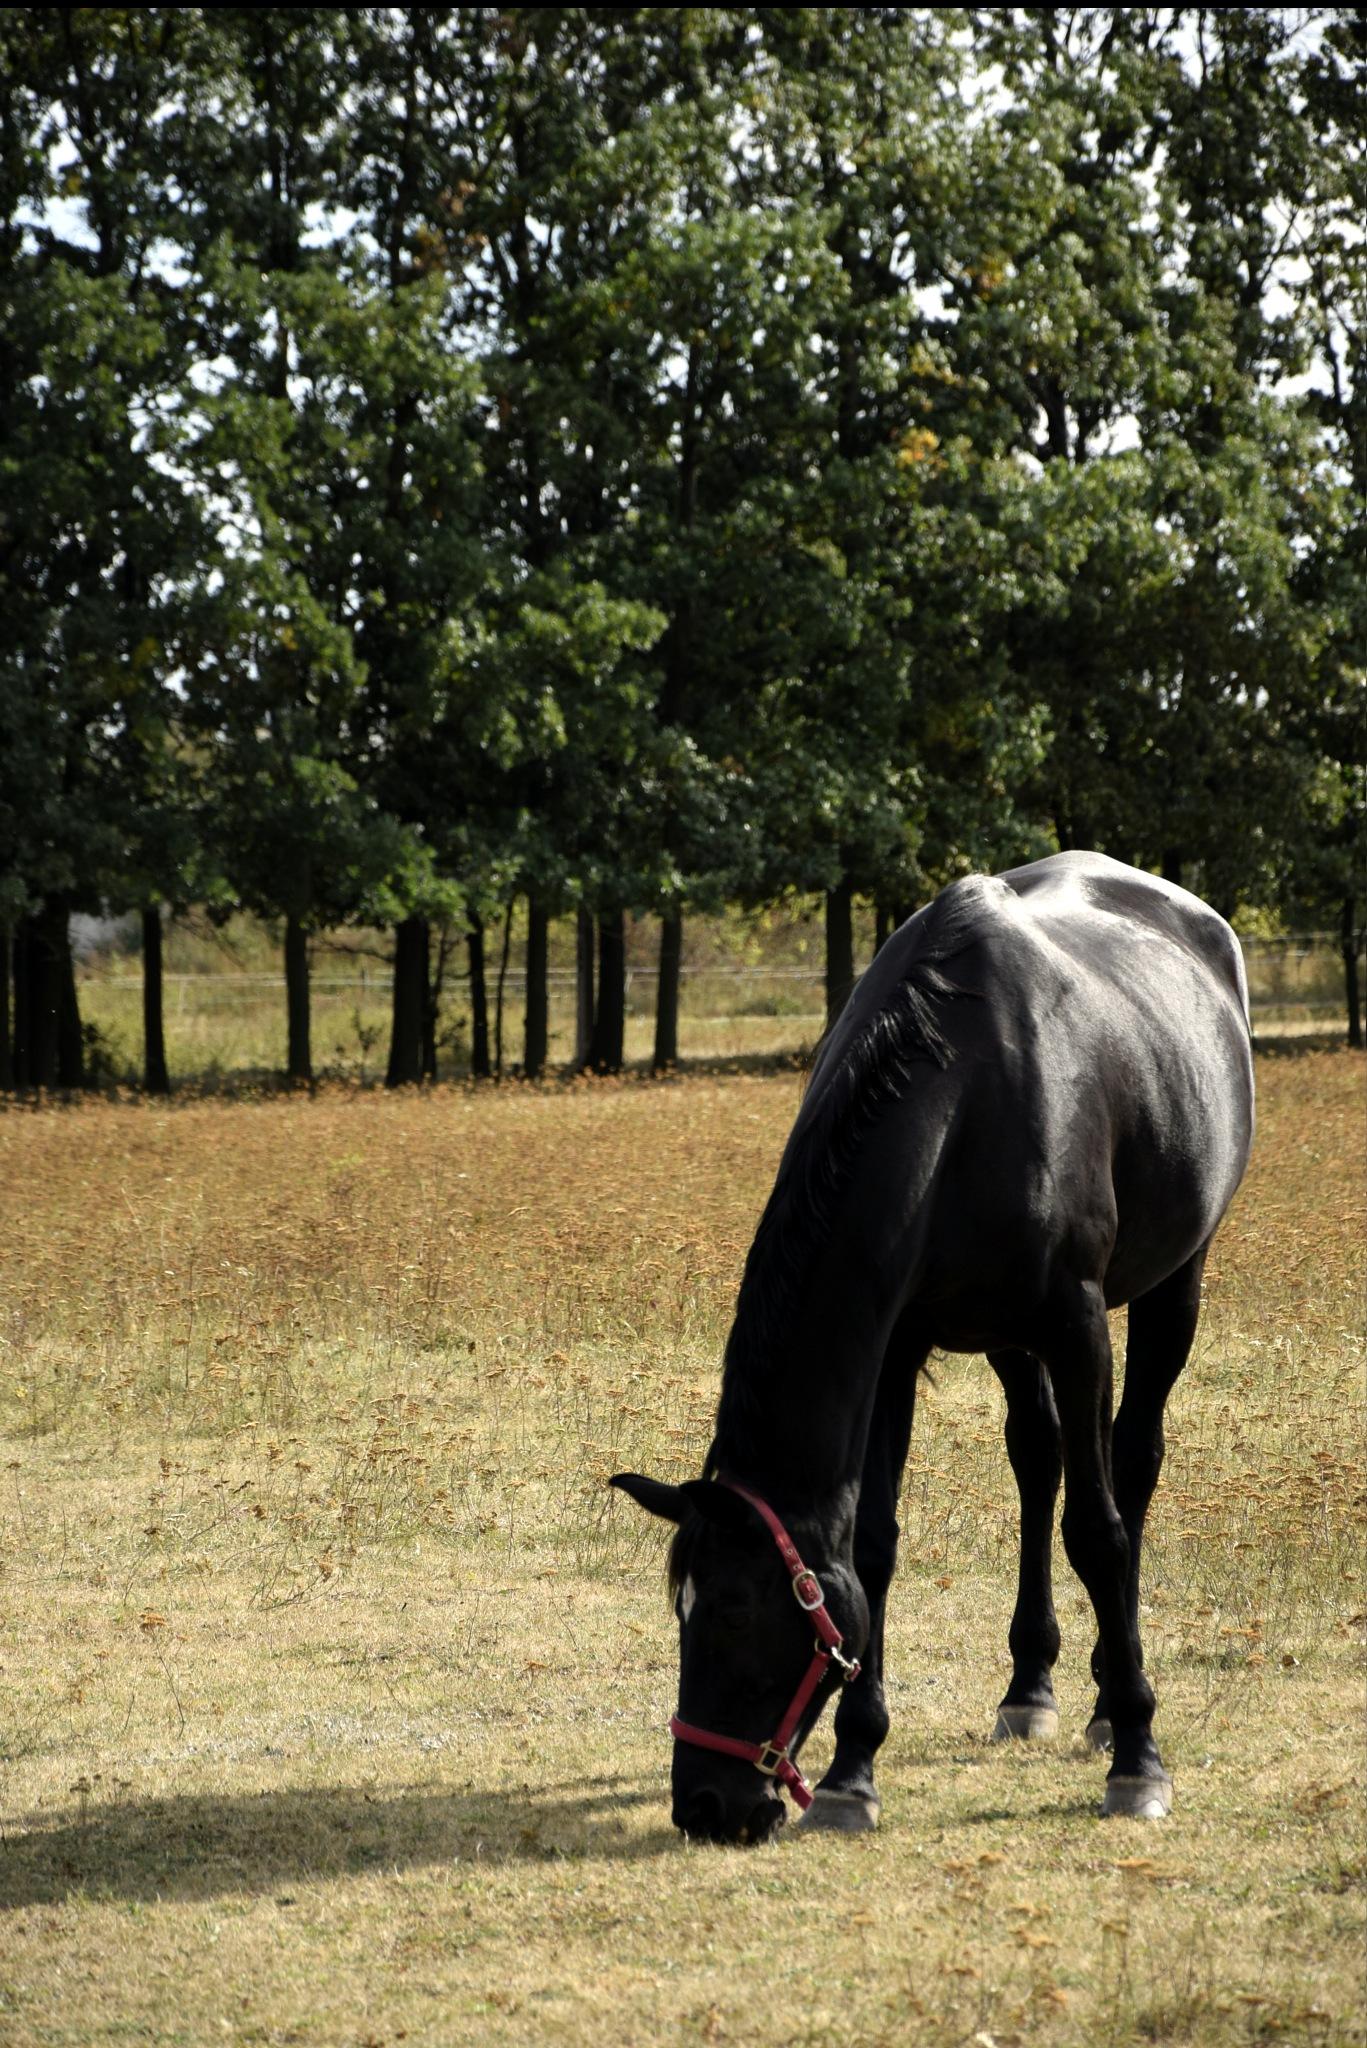 Horse by Rafał Wyzina